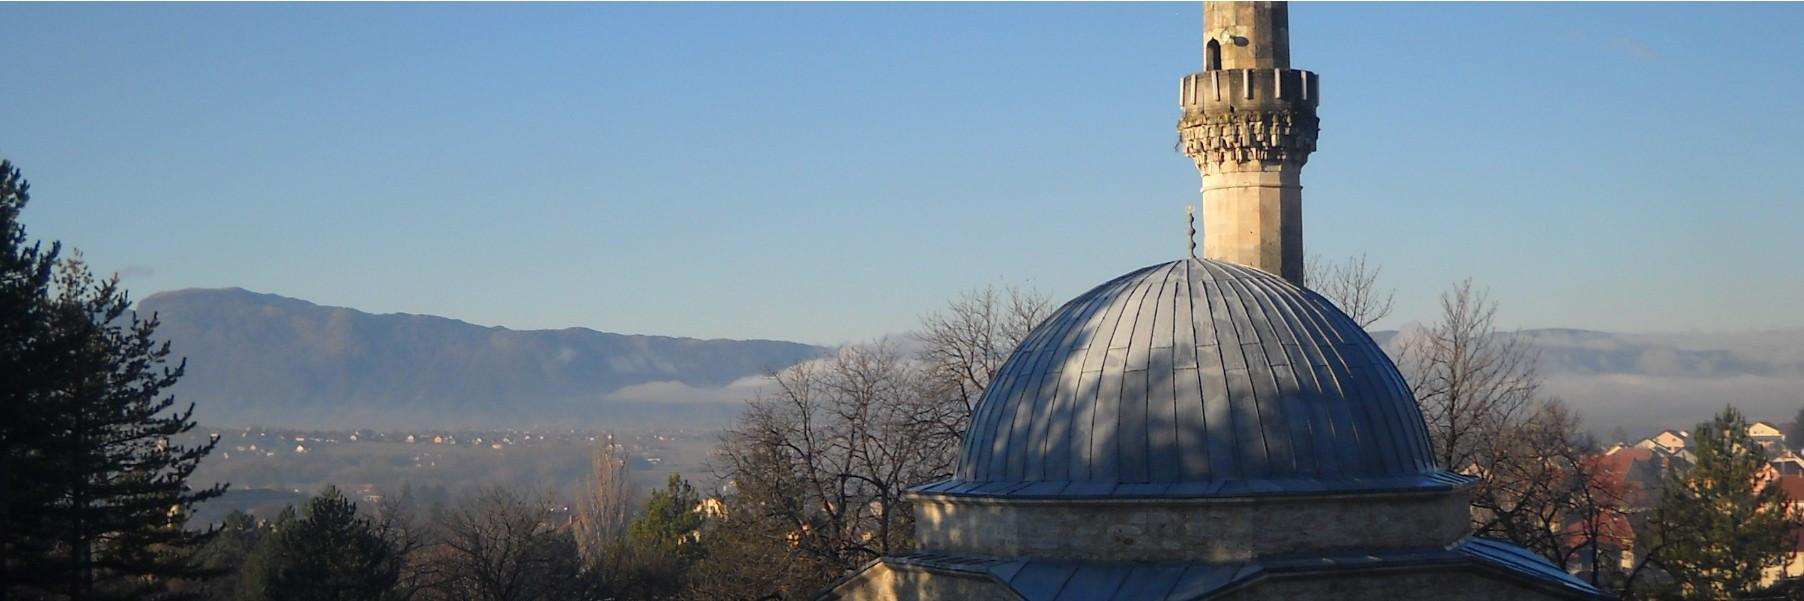 Мечеть Лала-паши